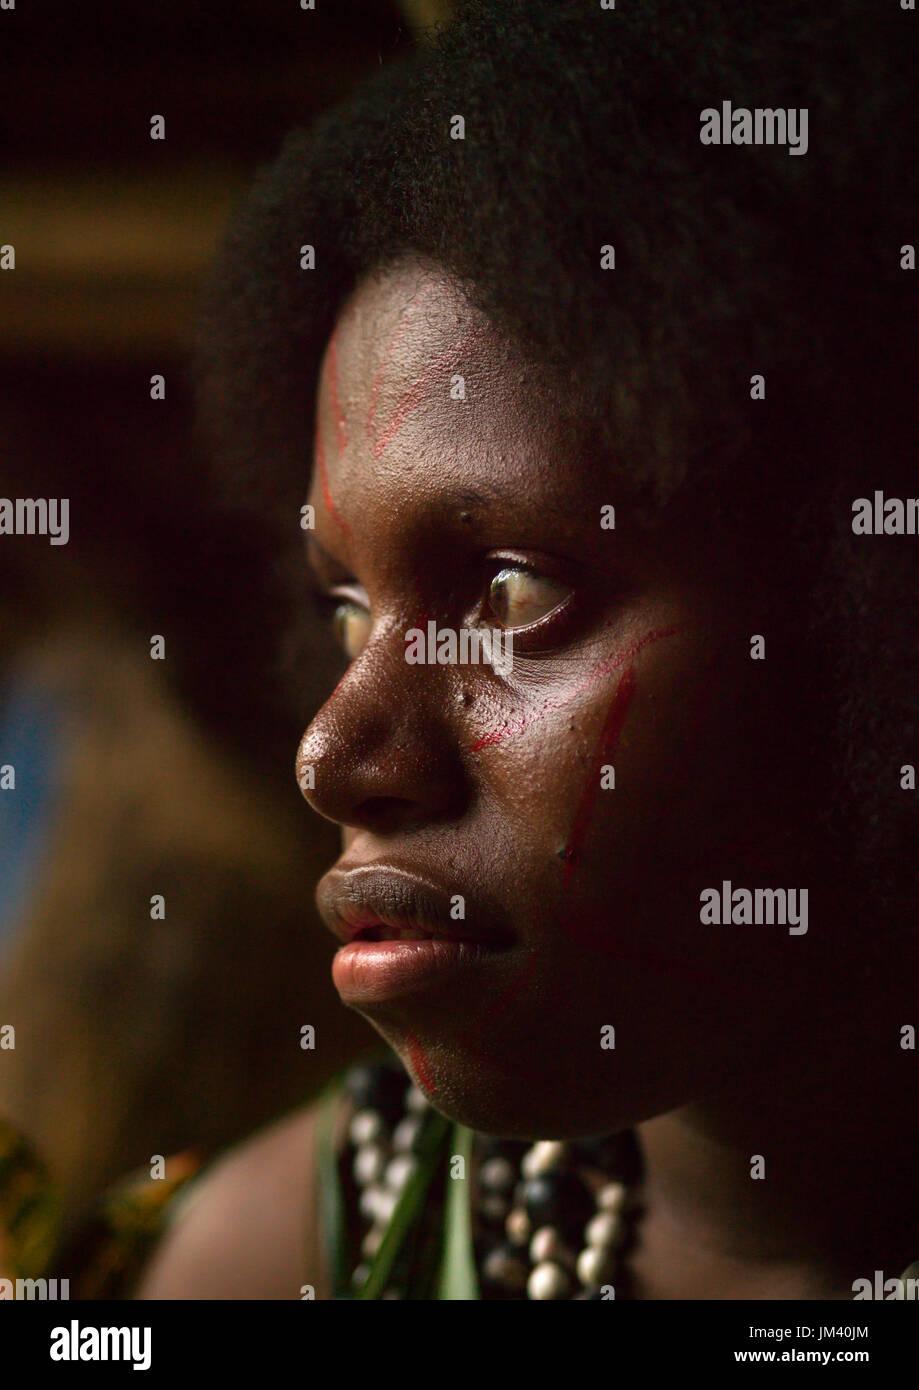 Portrait of a Small Nambas tribeswoman, Malekula island, Gortiengser, Vanuatu - Stock Image